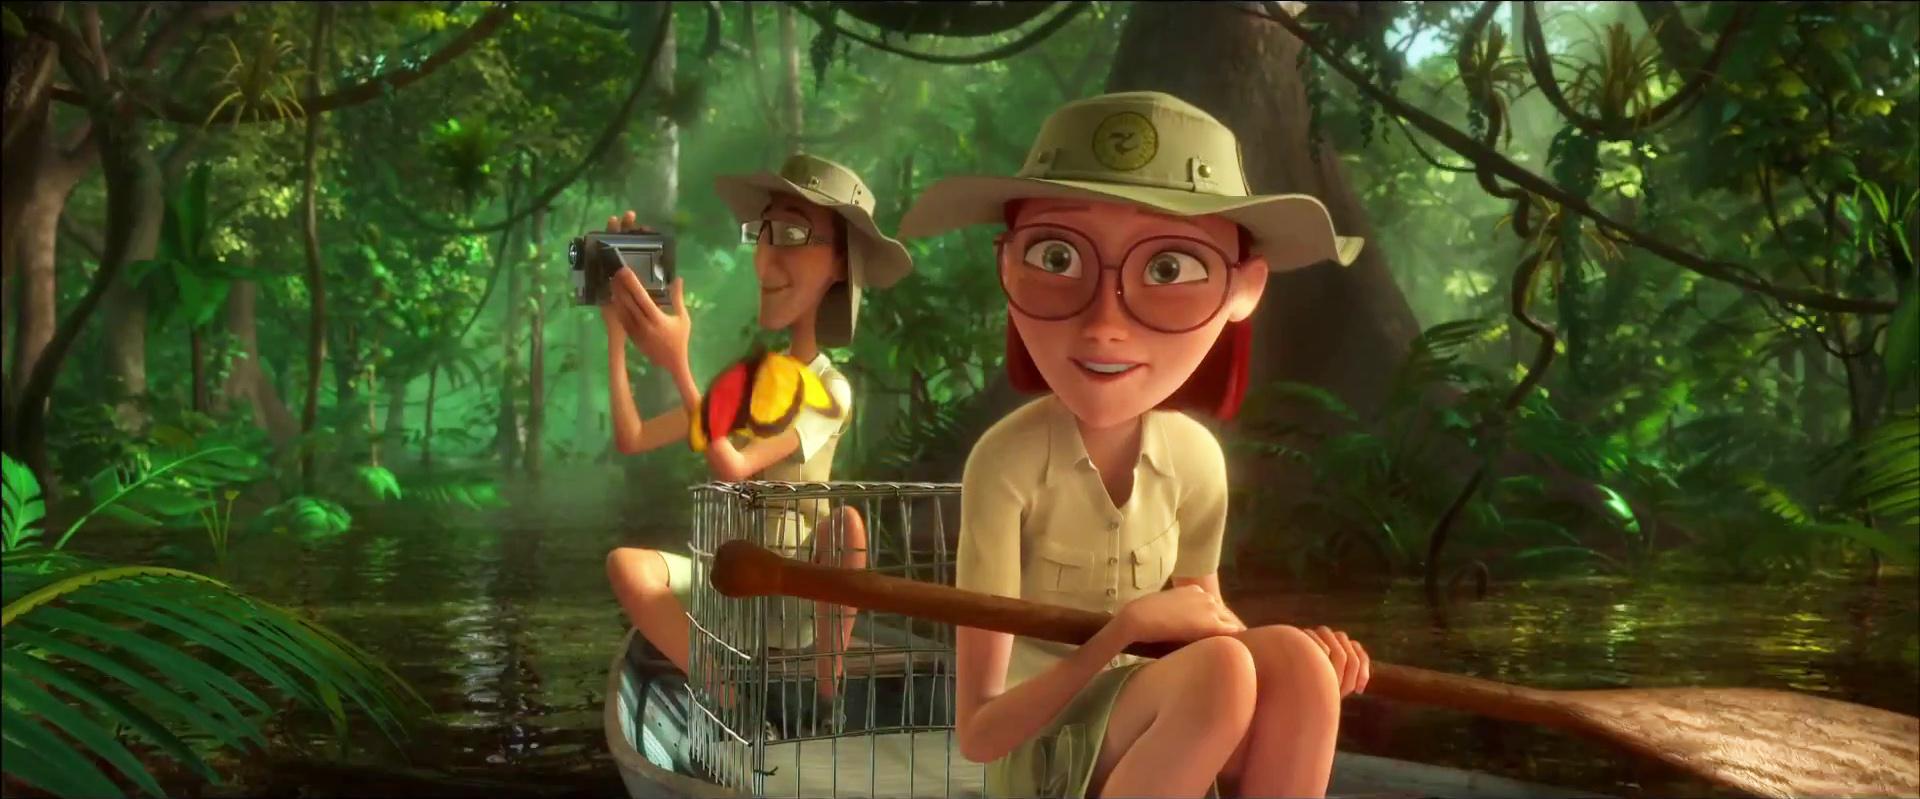 Image - Rio 2 Linda and Tulio in the Amazon Jungle.jpg ...